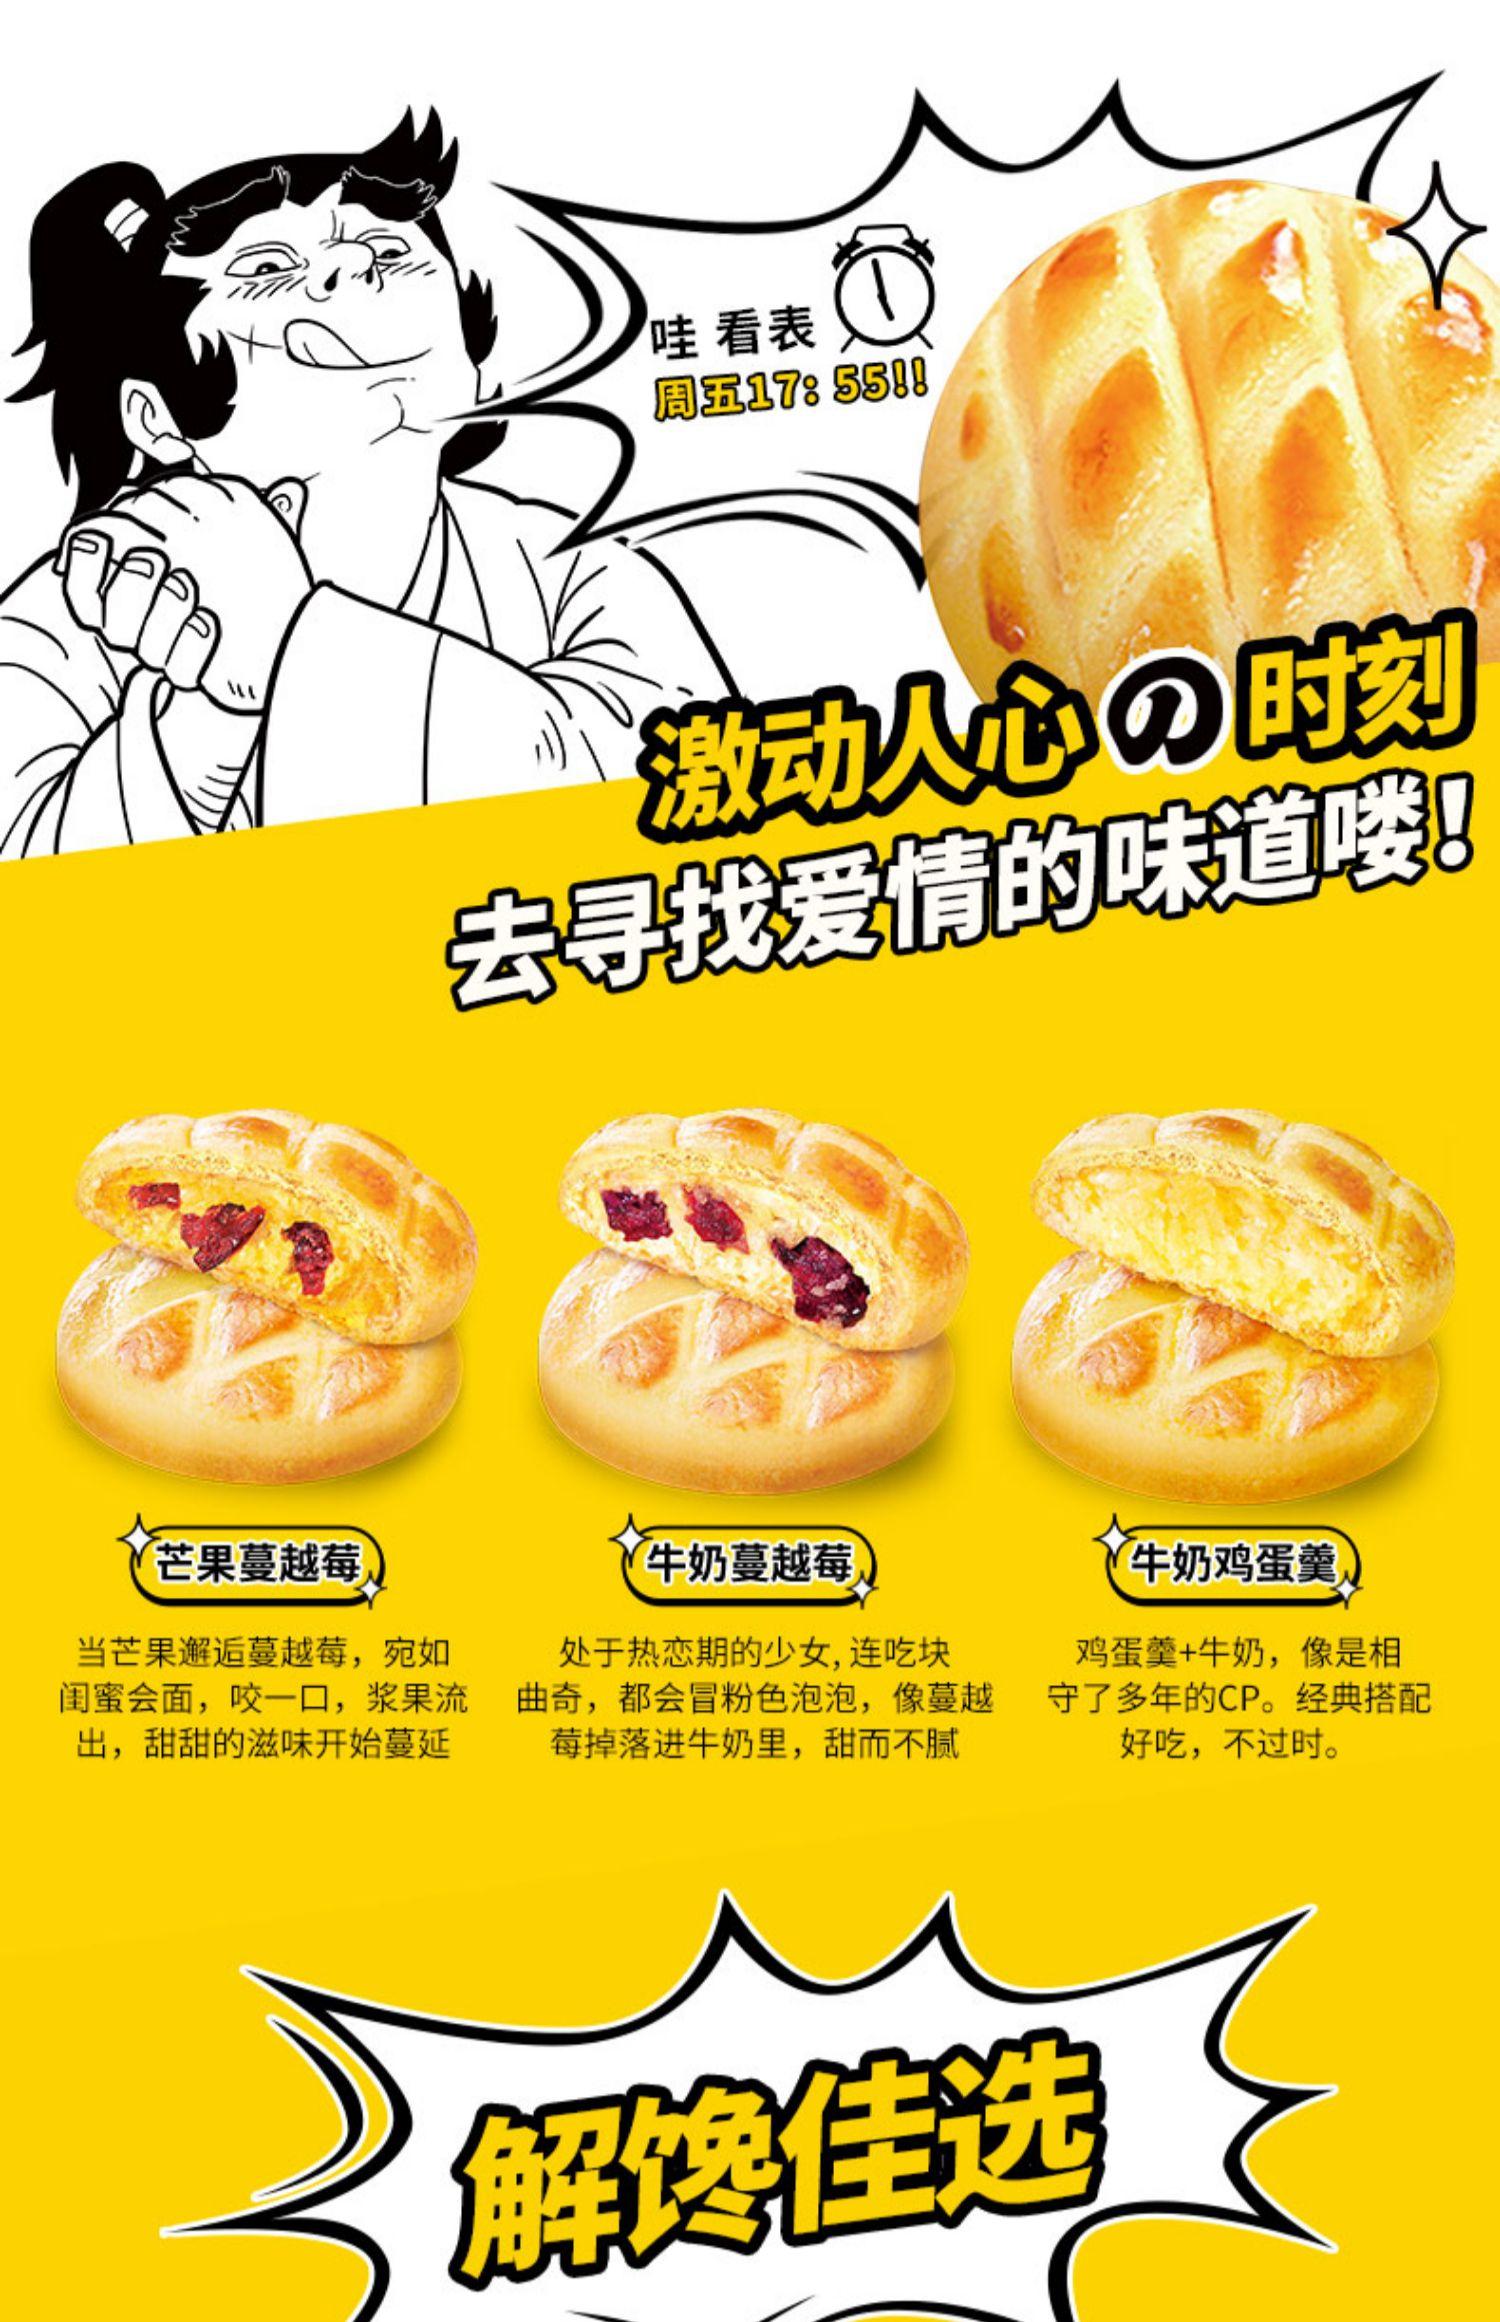 【莎布蕾】夹心武士曲奇饼干70g*5包2